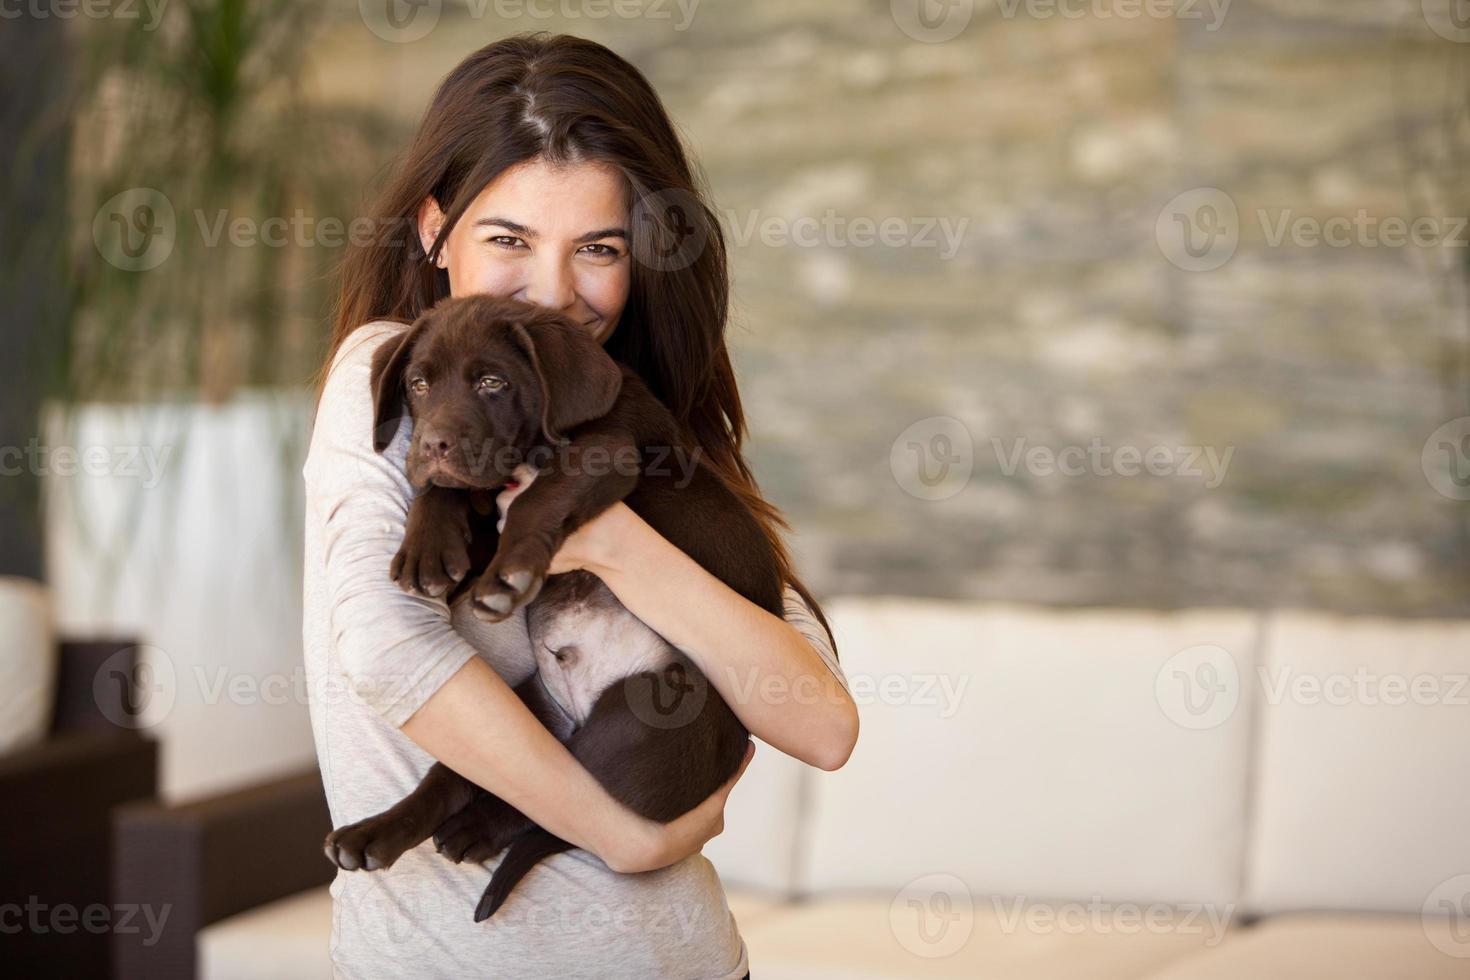 bellissima giovane donna e il suo cucciolo foto